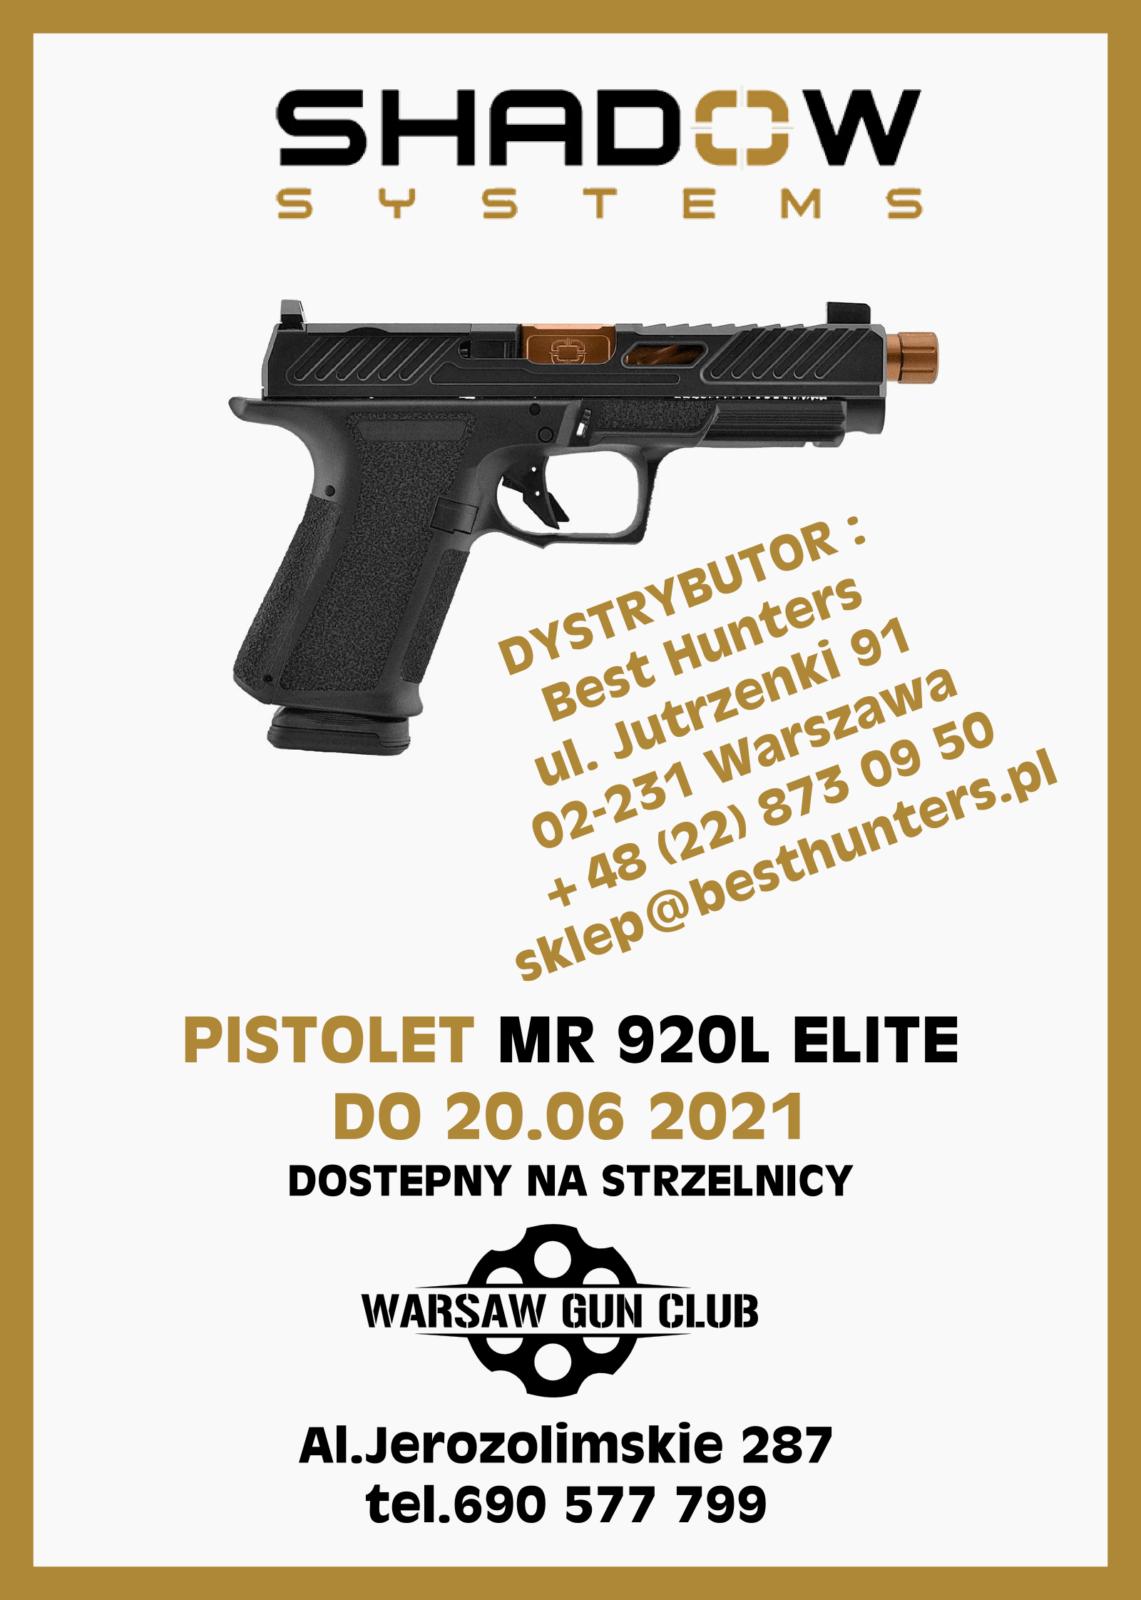 MR920L Elite